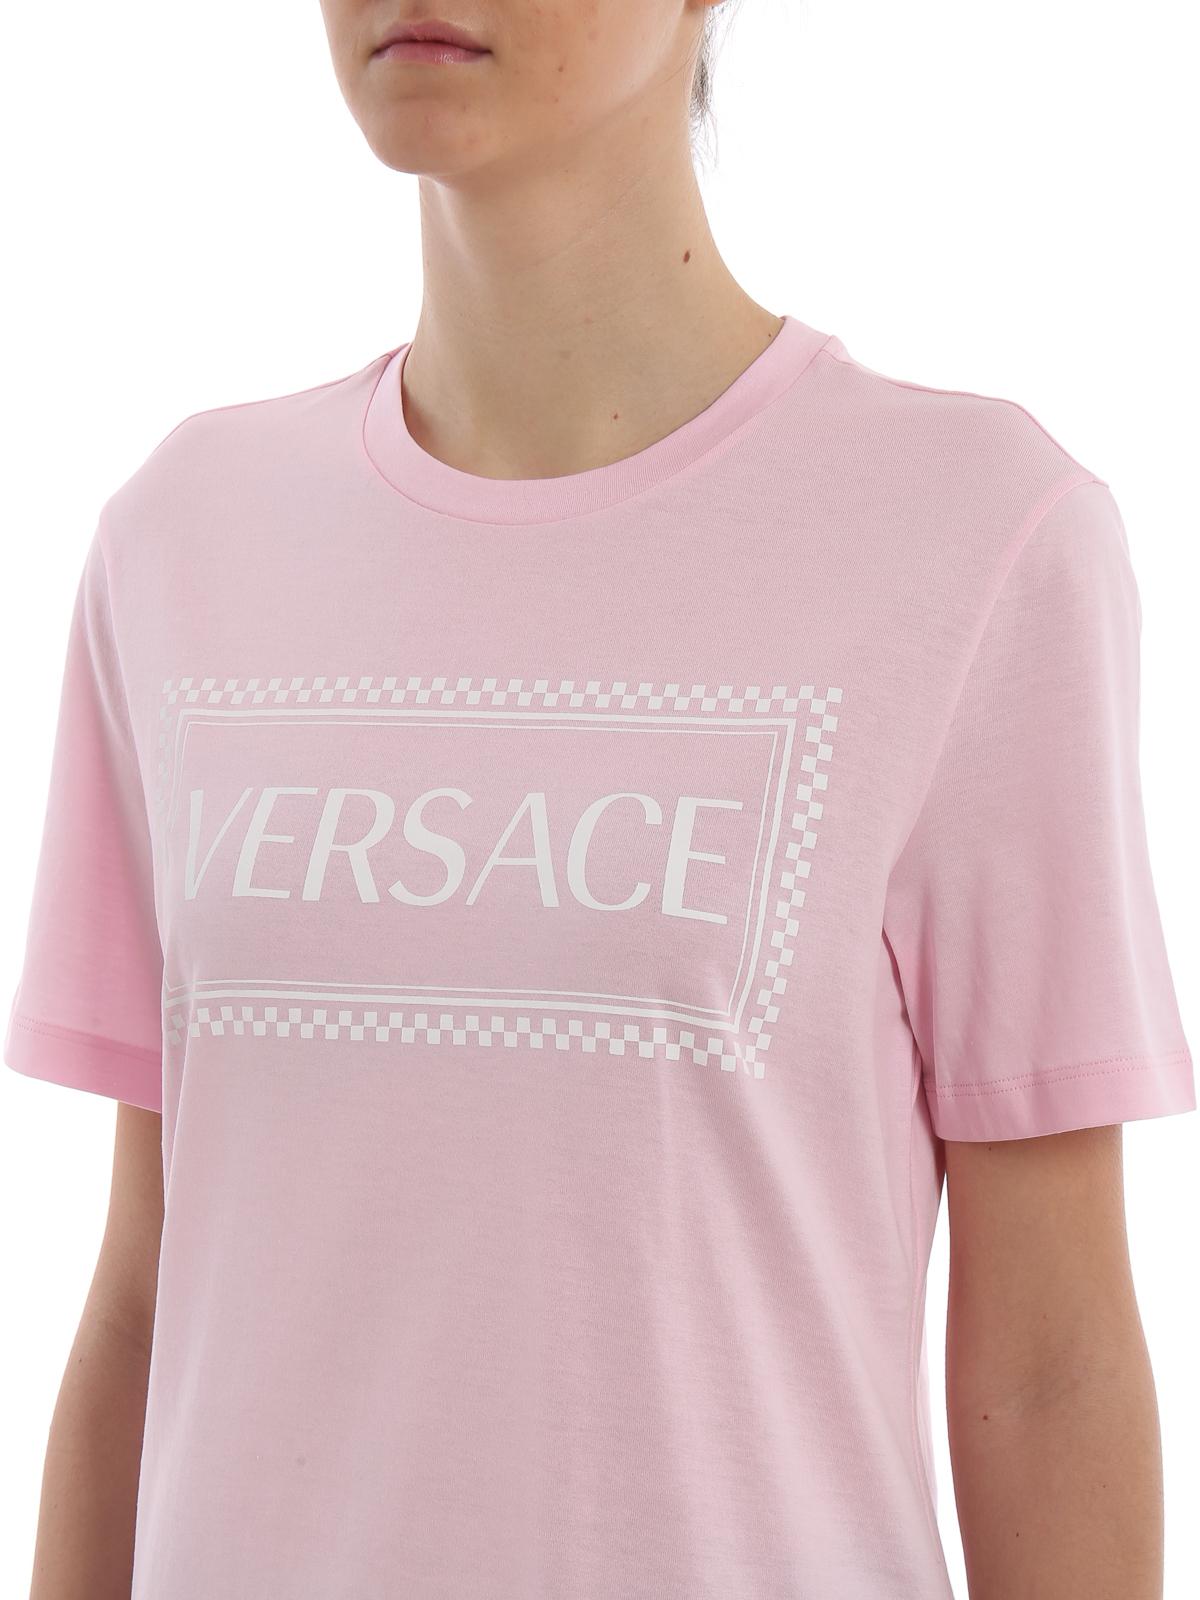 511310e5 Versace - Versace 90s Vintage logo cotton T-shirt - t-shirts ...